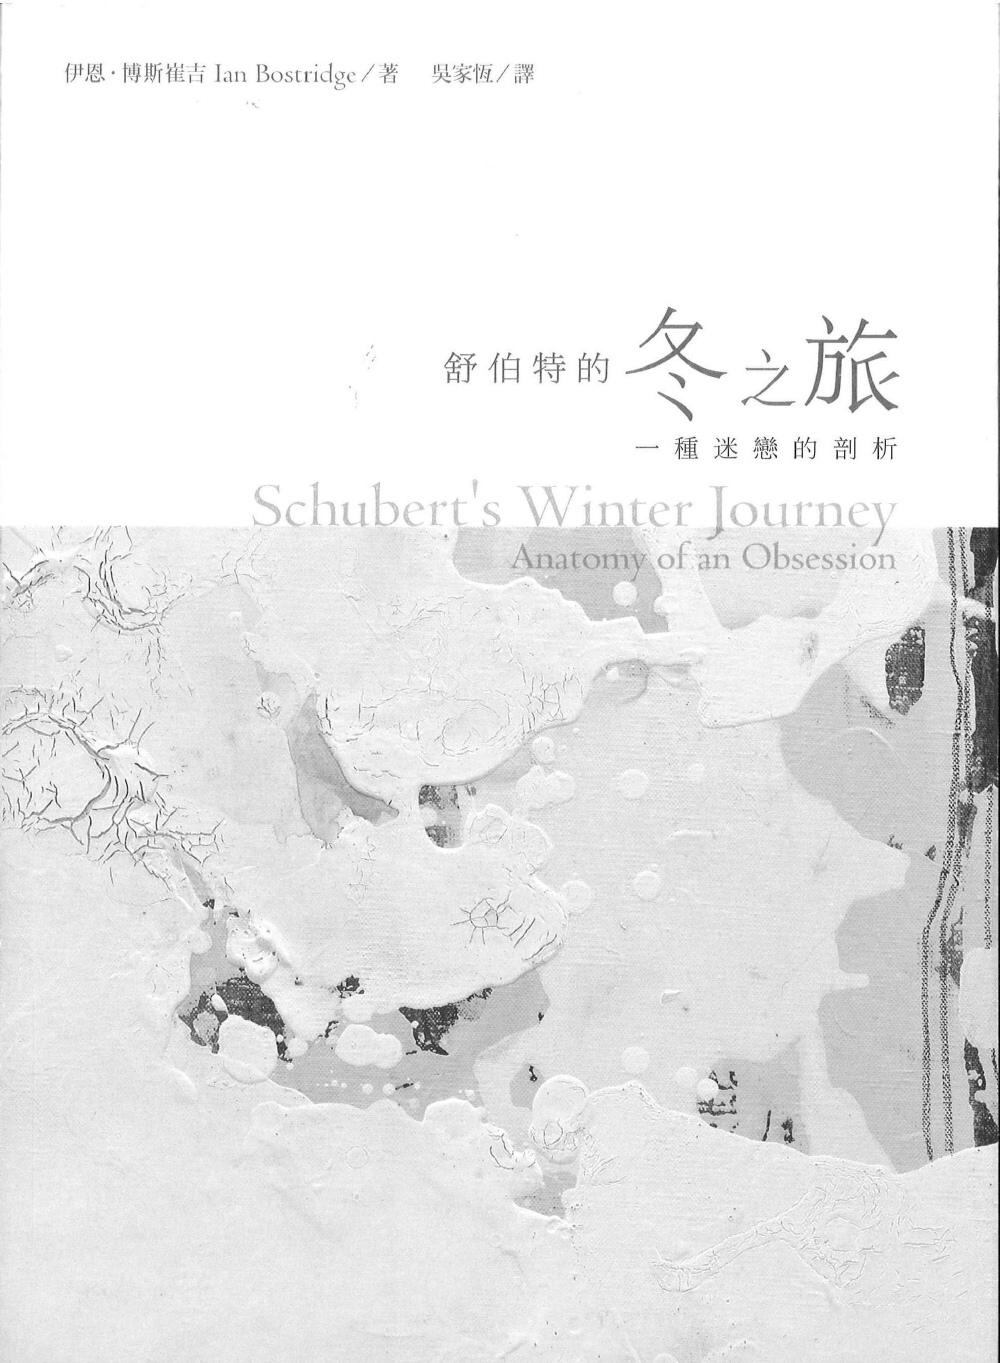 舒伯特的冬之旅:一種迷戀的剖析